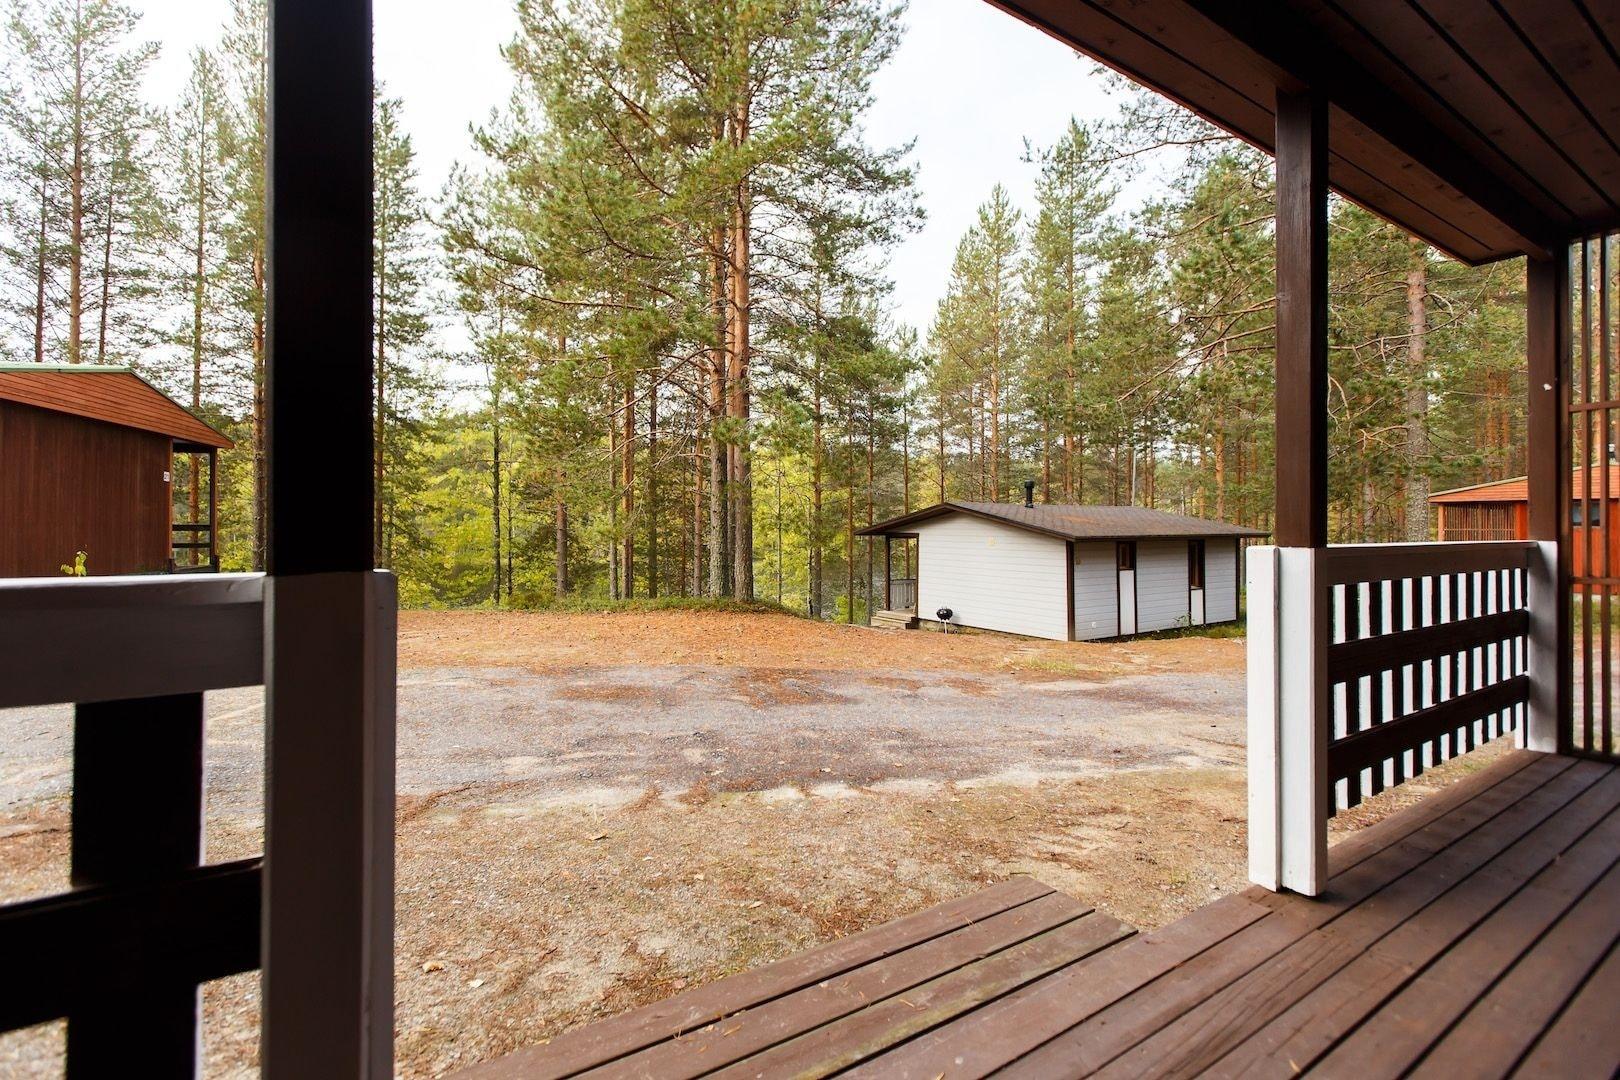 Ruhkaranta Village, North Karelia